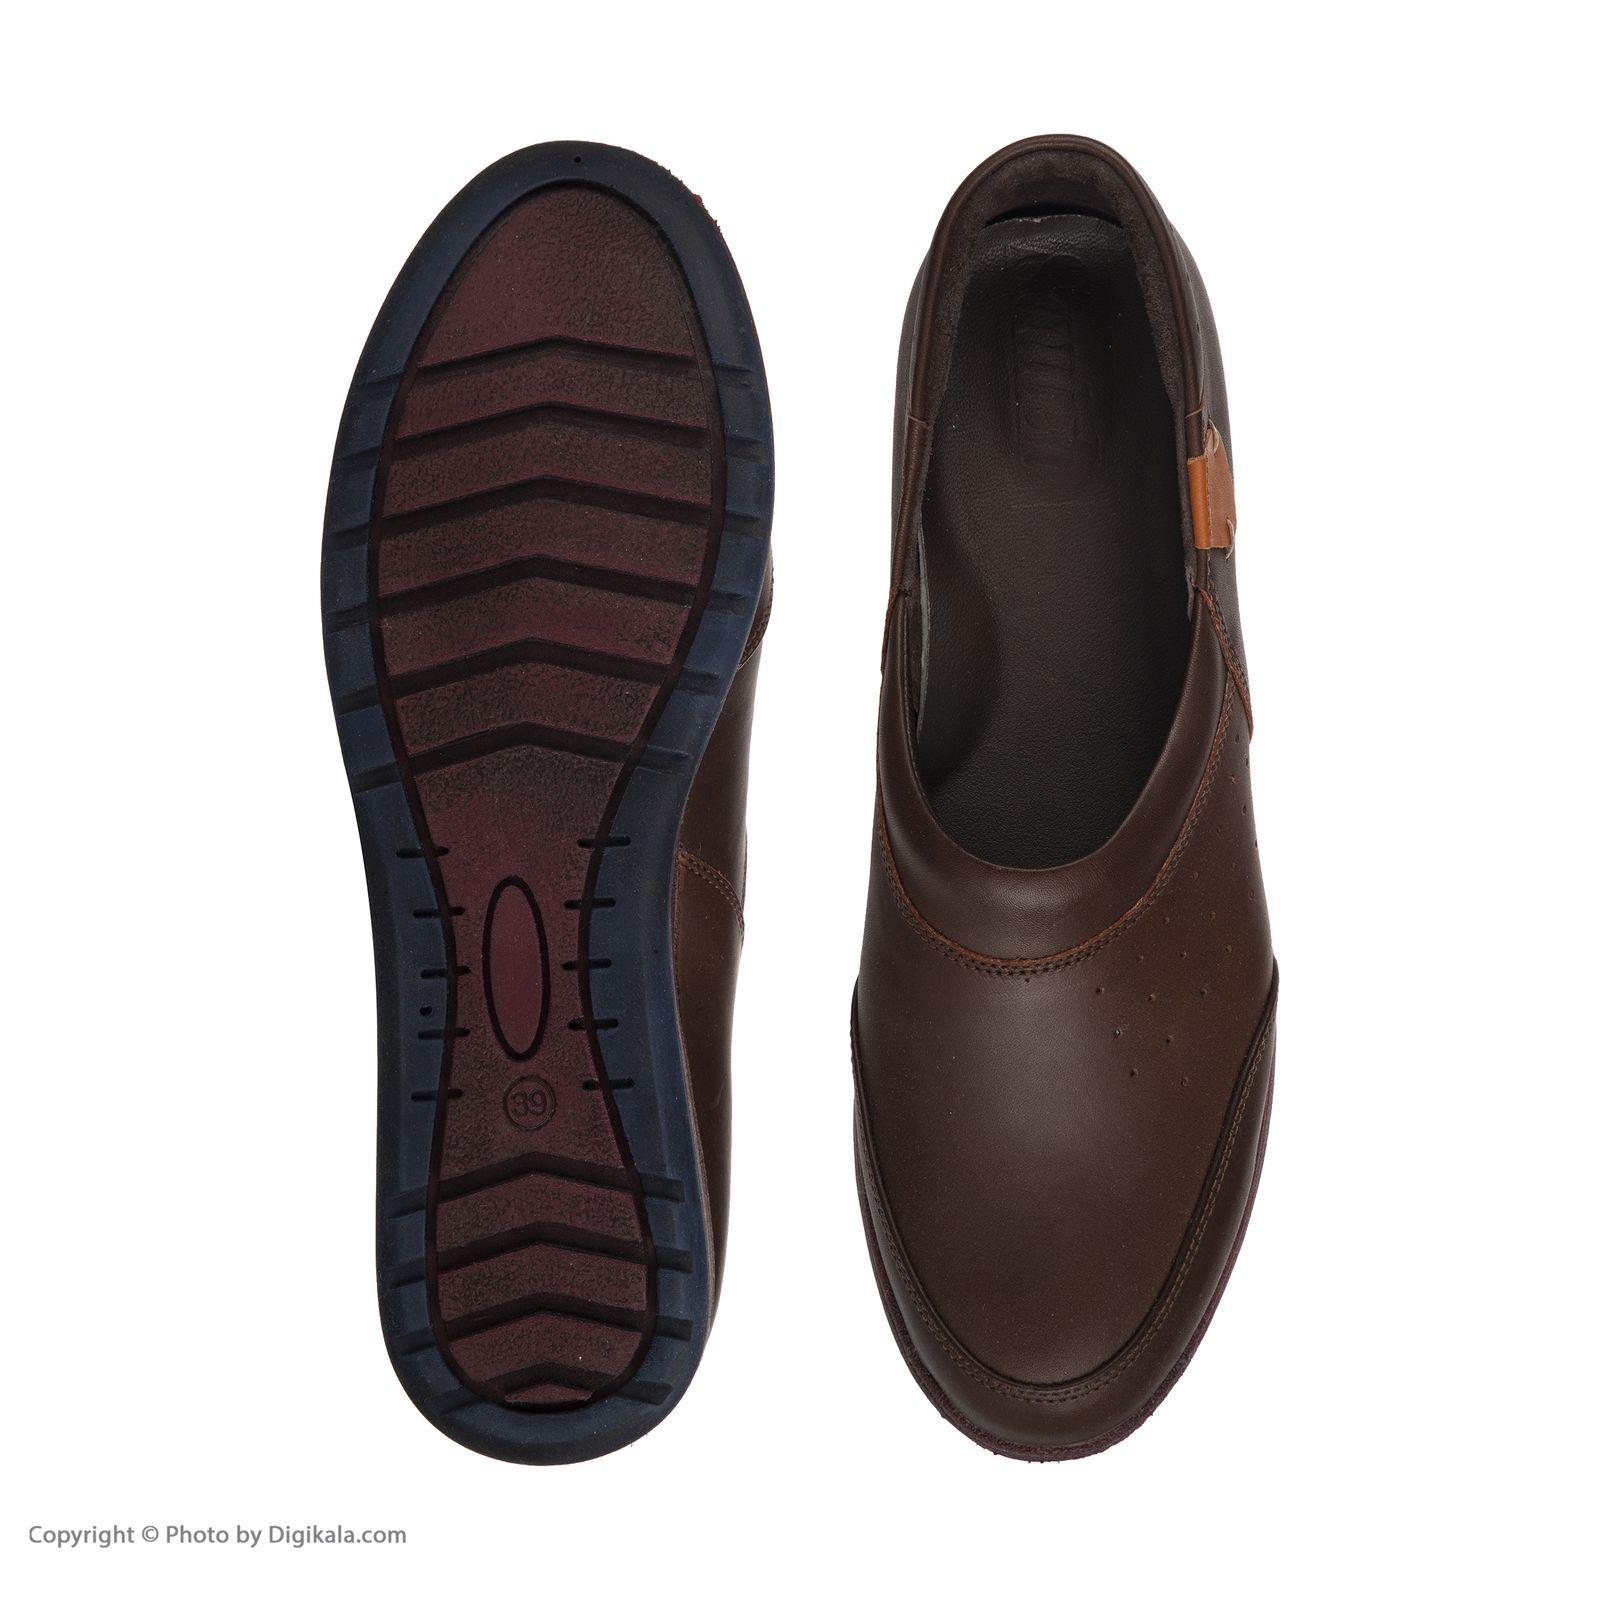 کفش روزمره زنانه سوته مدل 2959B500104 -  - 4